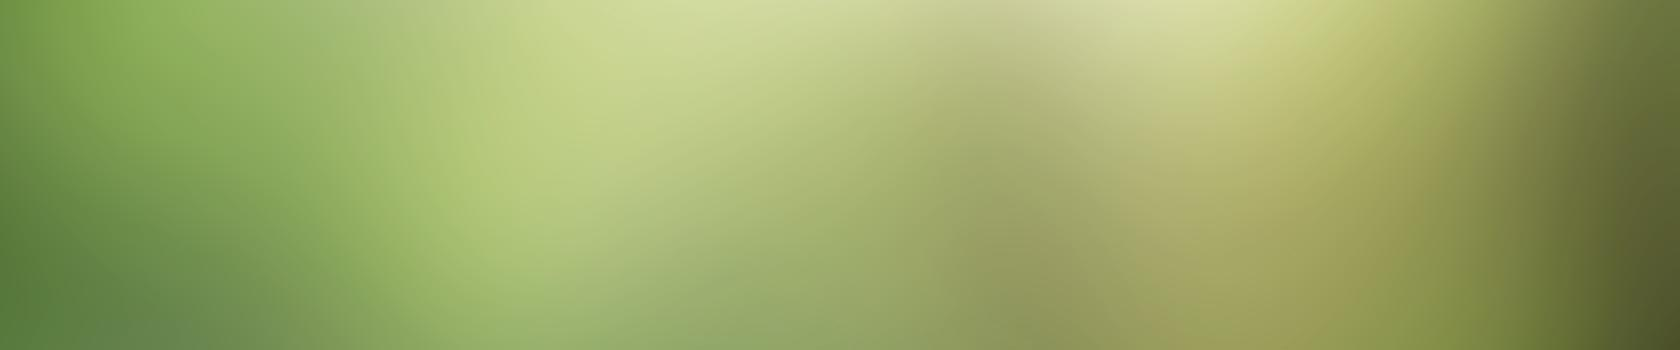 colibri-back